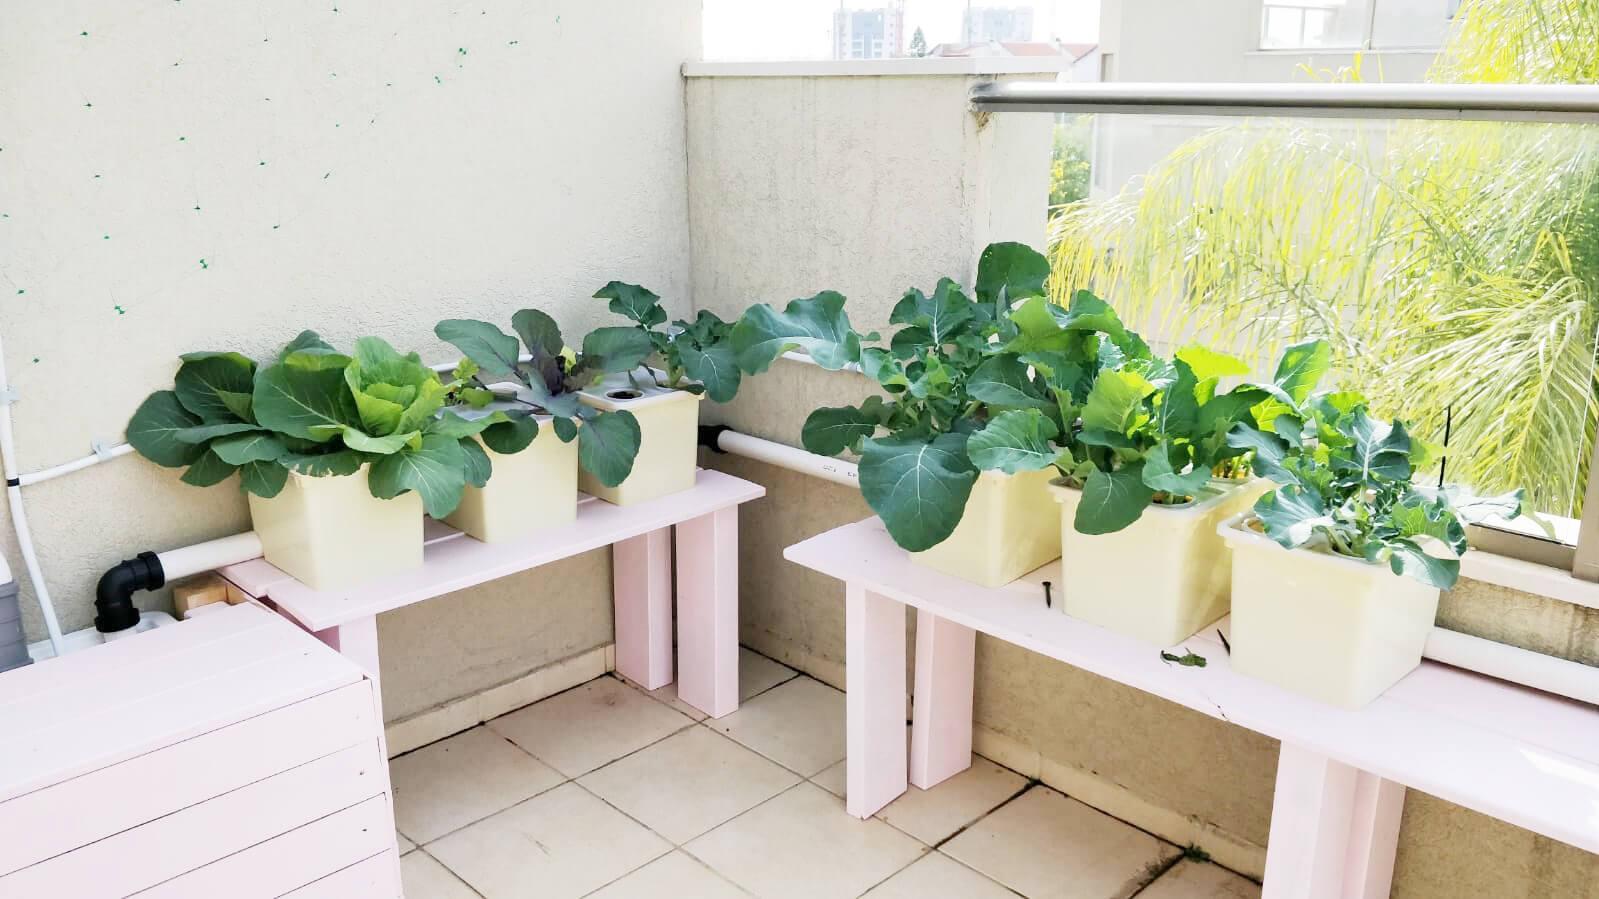 דליים הולנדים הידרופונים לגידול ירקות גדולים